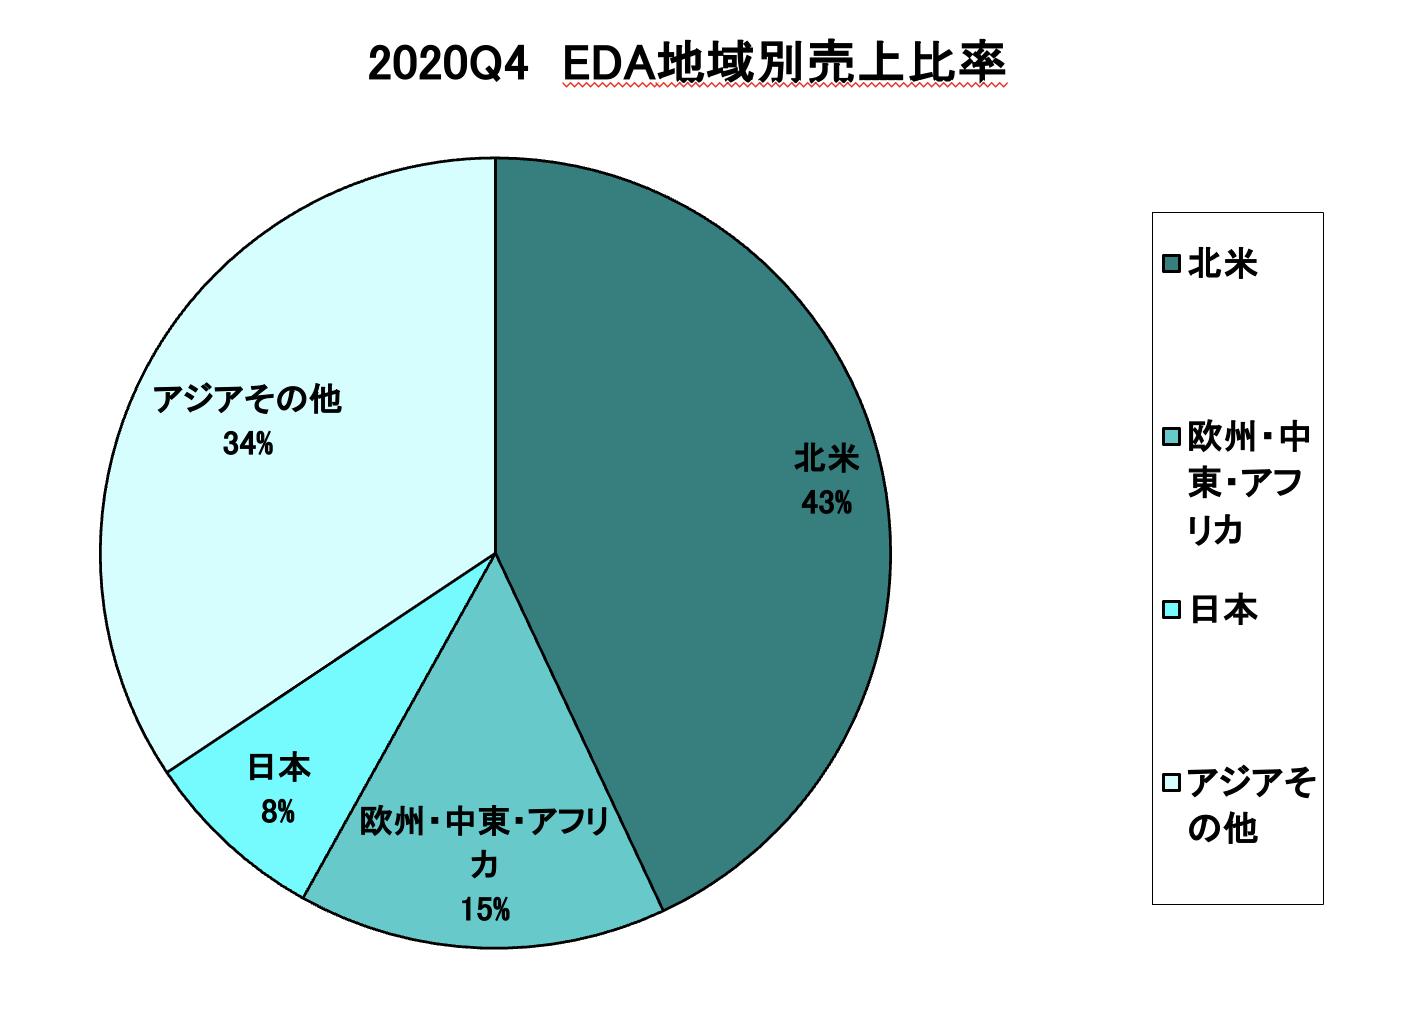 https://www.eda-express.com/%E3%82%B9%E3%82%AF%E3%83%AA%E3%83%BC%E3%83%B3%E3%82%B7%E3%83%A7%E3%83%83%E3%83%88%202021-04-14%208.47.20.png